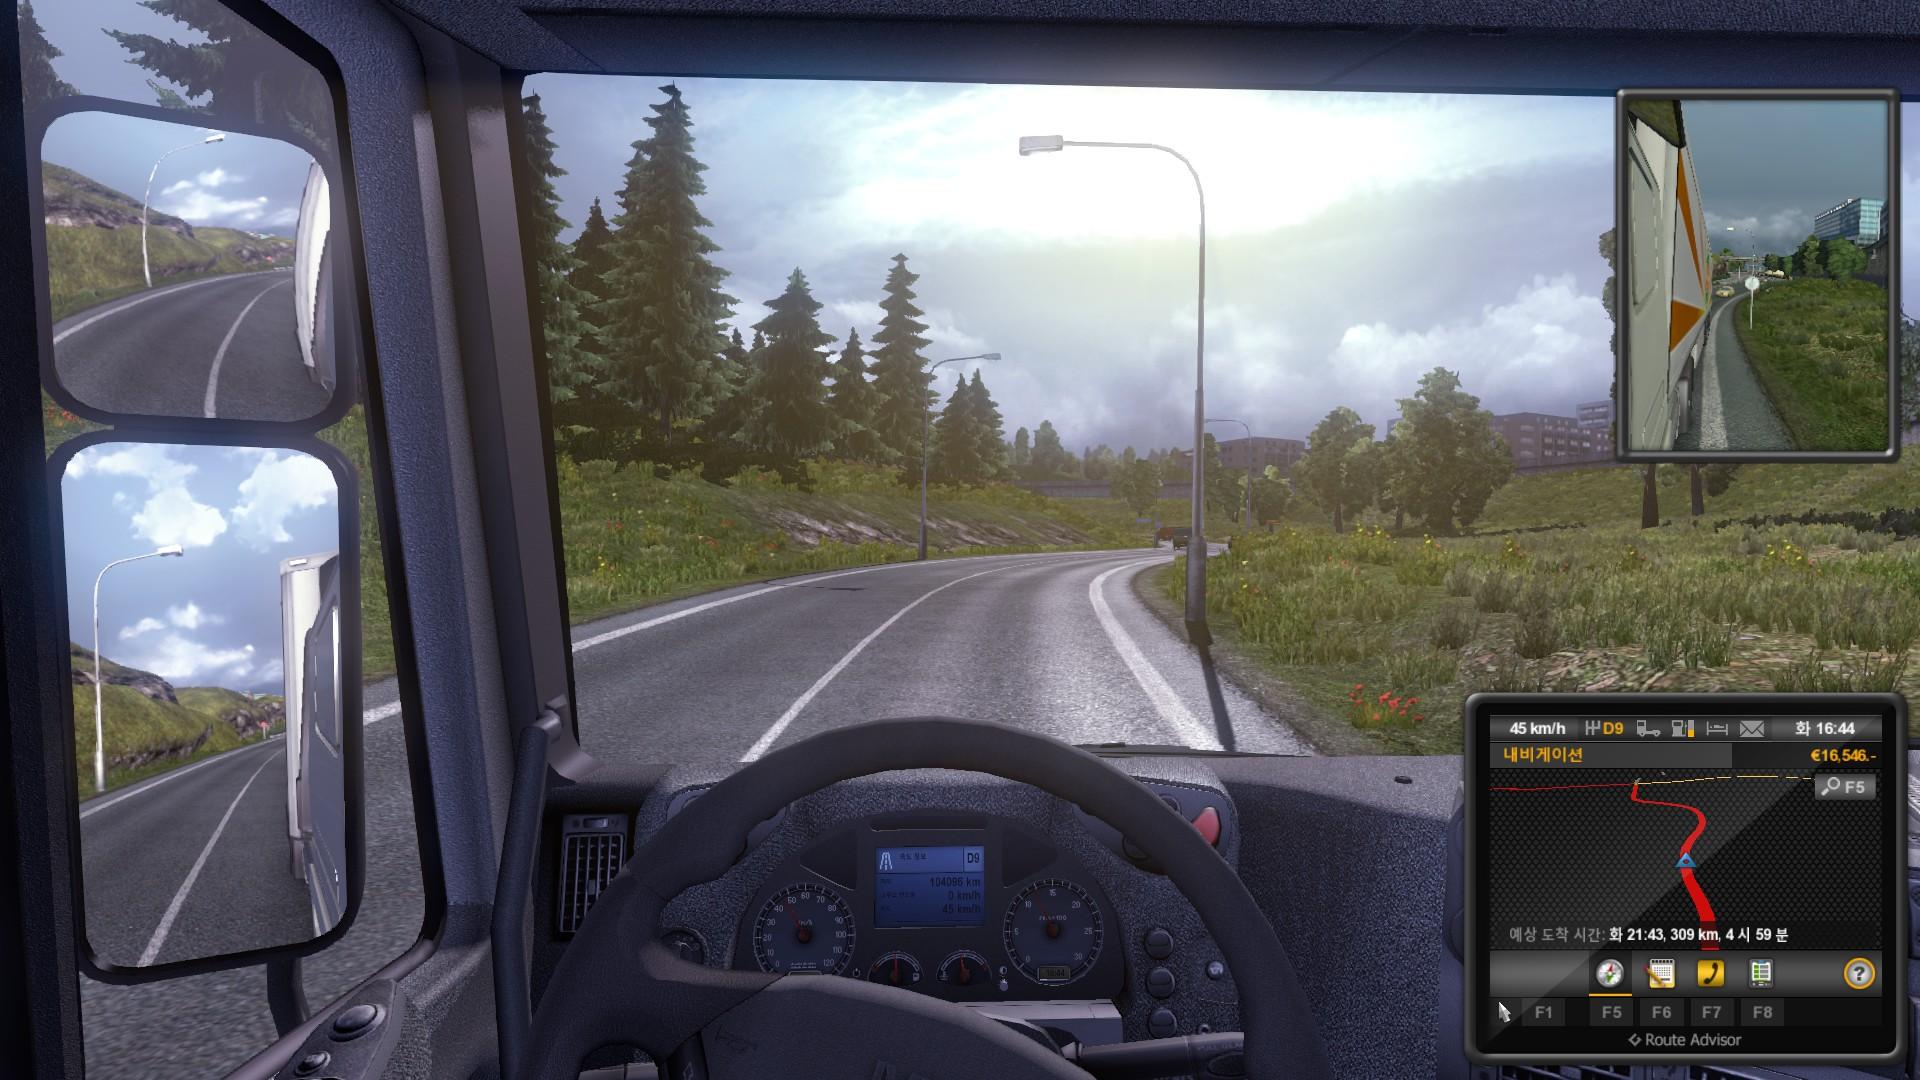 [2014-01-03] 유로트럭 시뮬레이터 2 - 시간 변화